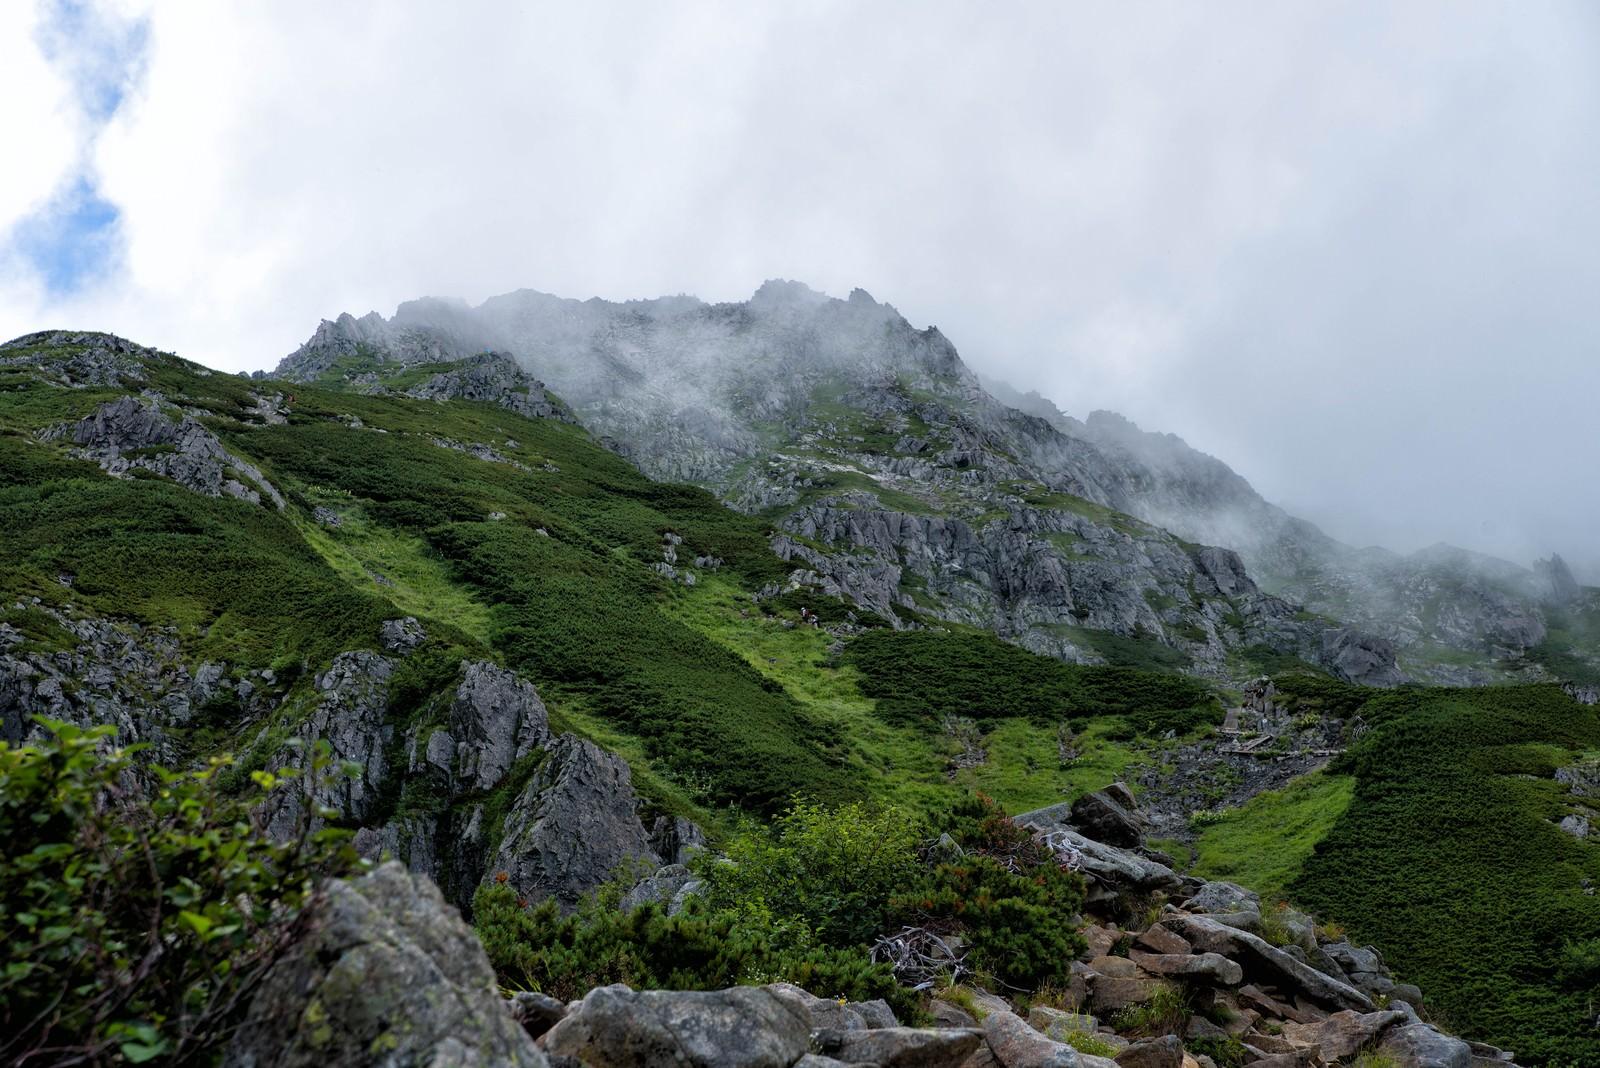 「雲がかかる前穂高岳(標高3019メートル)」の写真